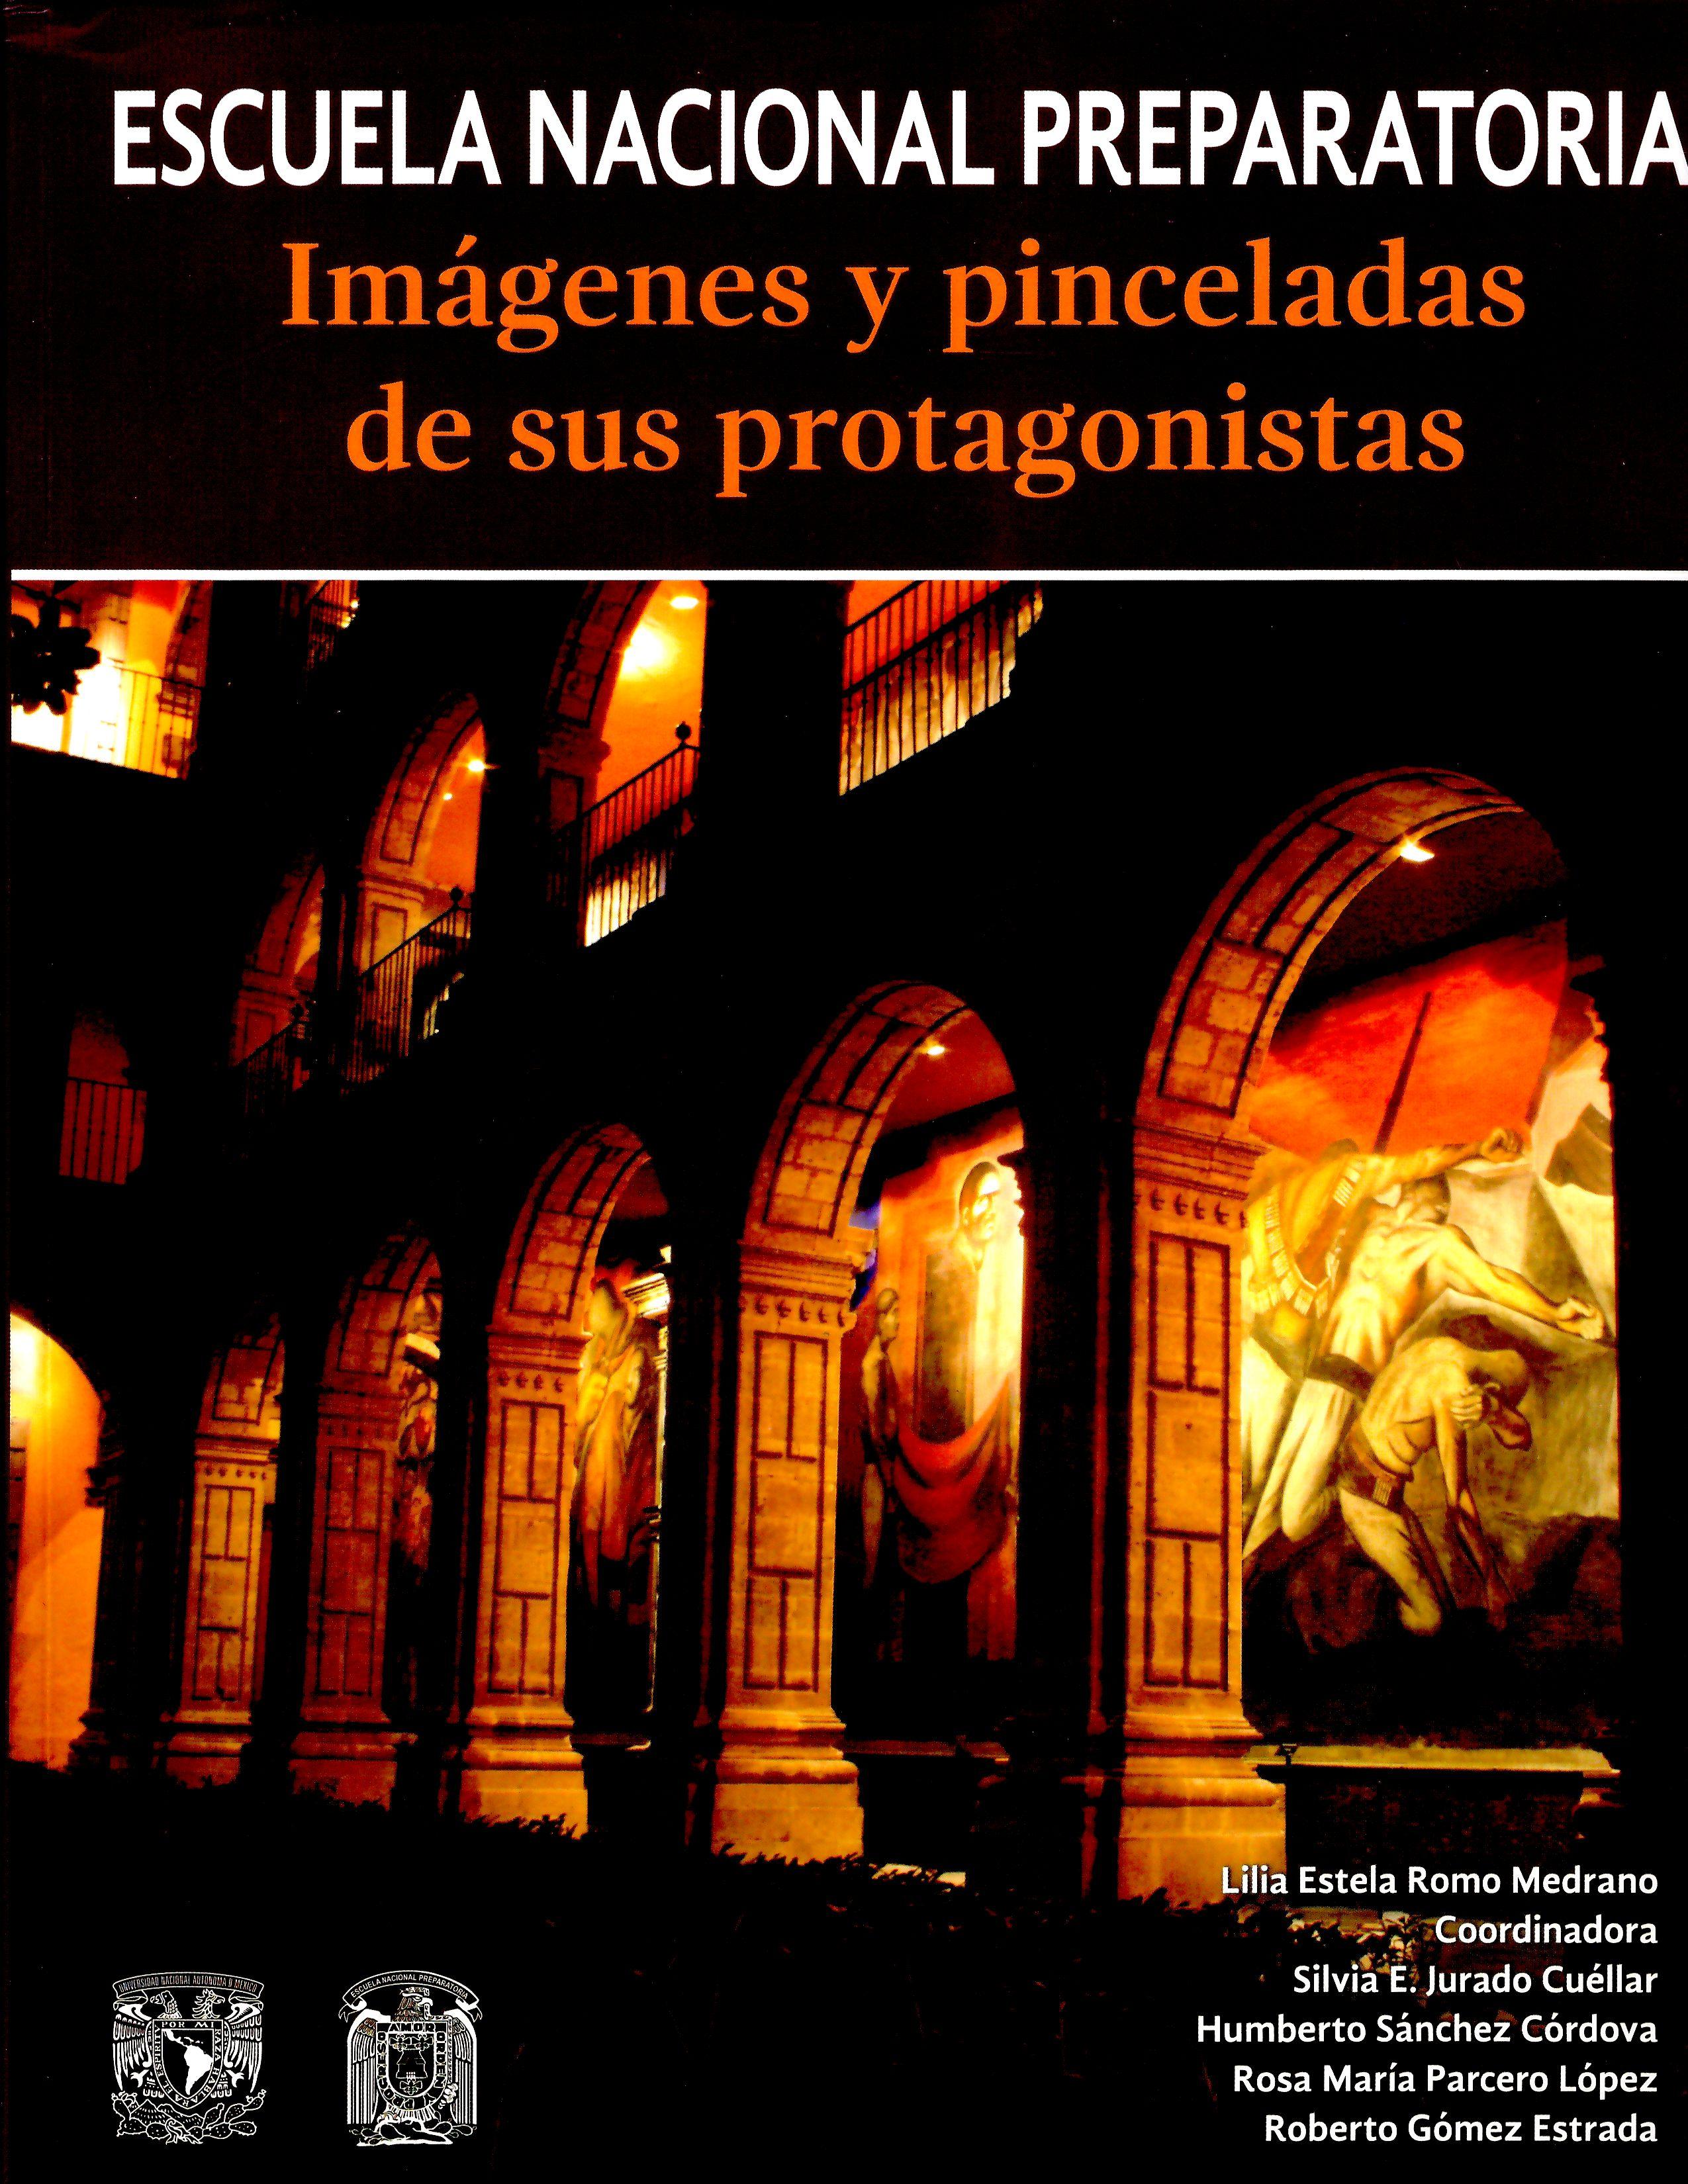 Escuela Nacional Preparatoria. Imágenes y pinceladas de sus protagonistas. Tomos I y II